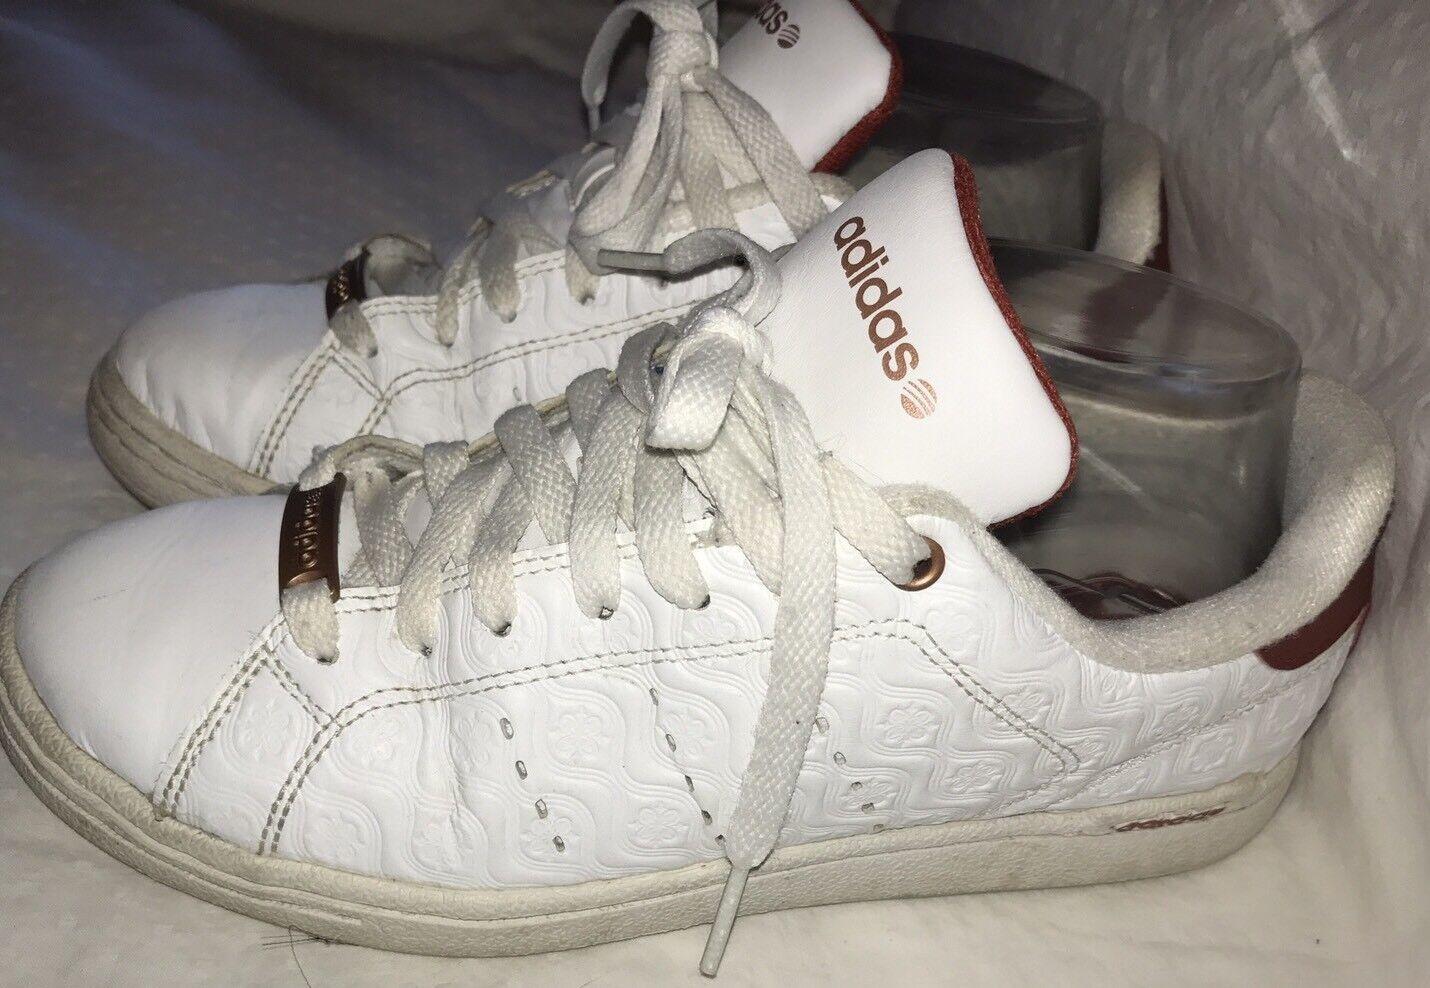 des des des chaussures adidas millésime rare série w linéaire.wo  6,5 | Facile à Nettoyer Surface  865ce7